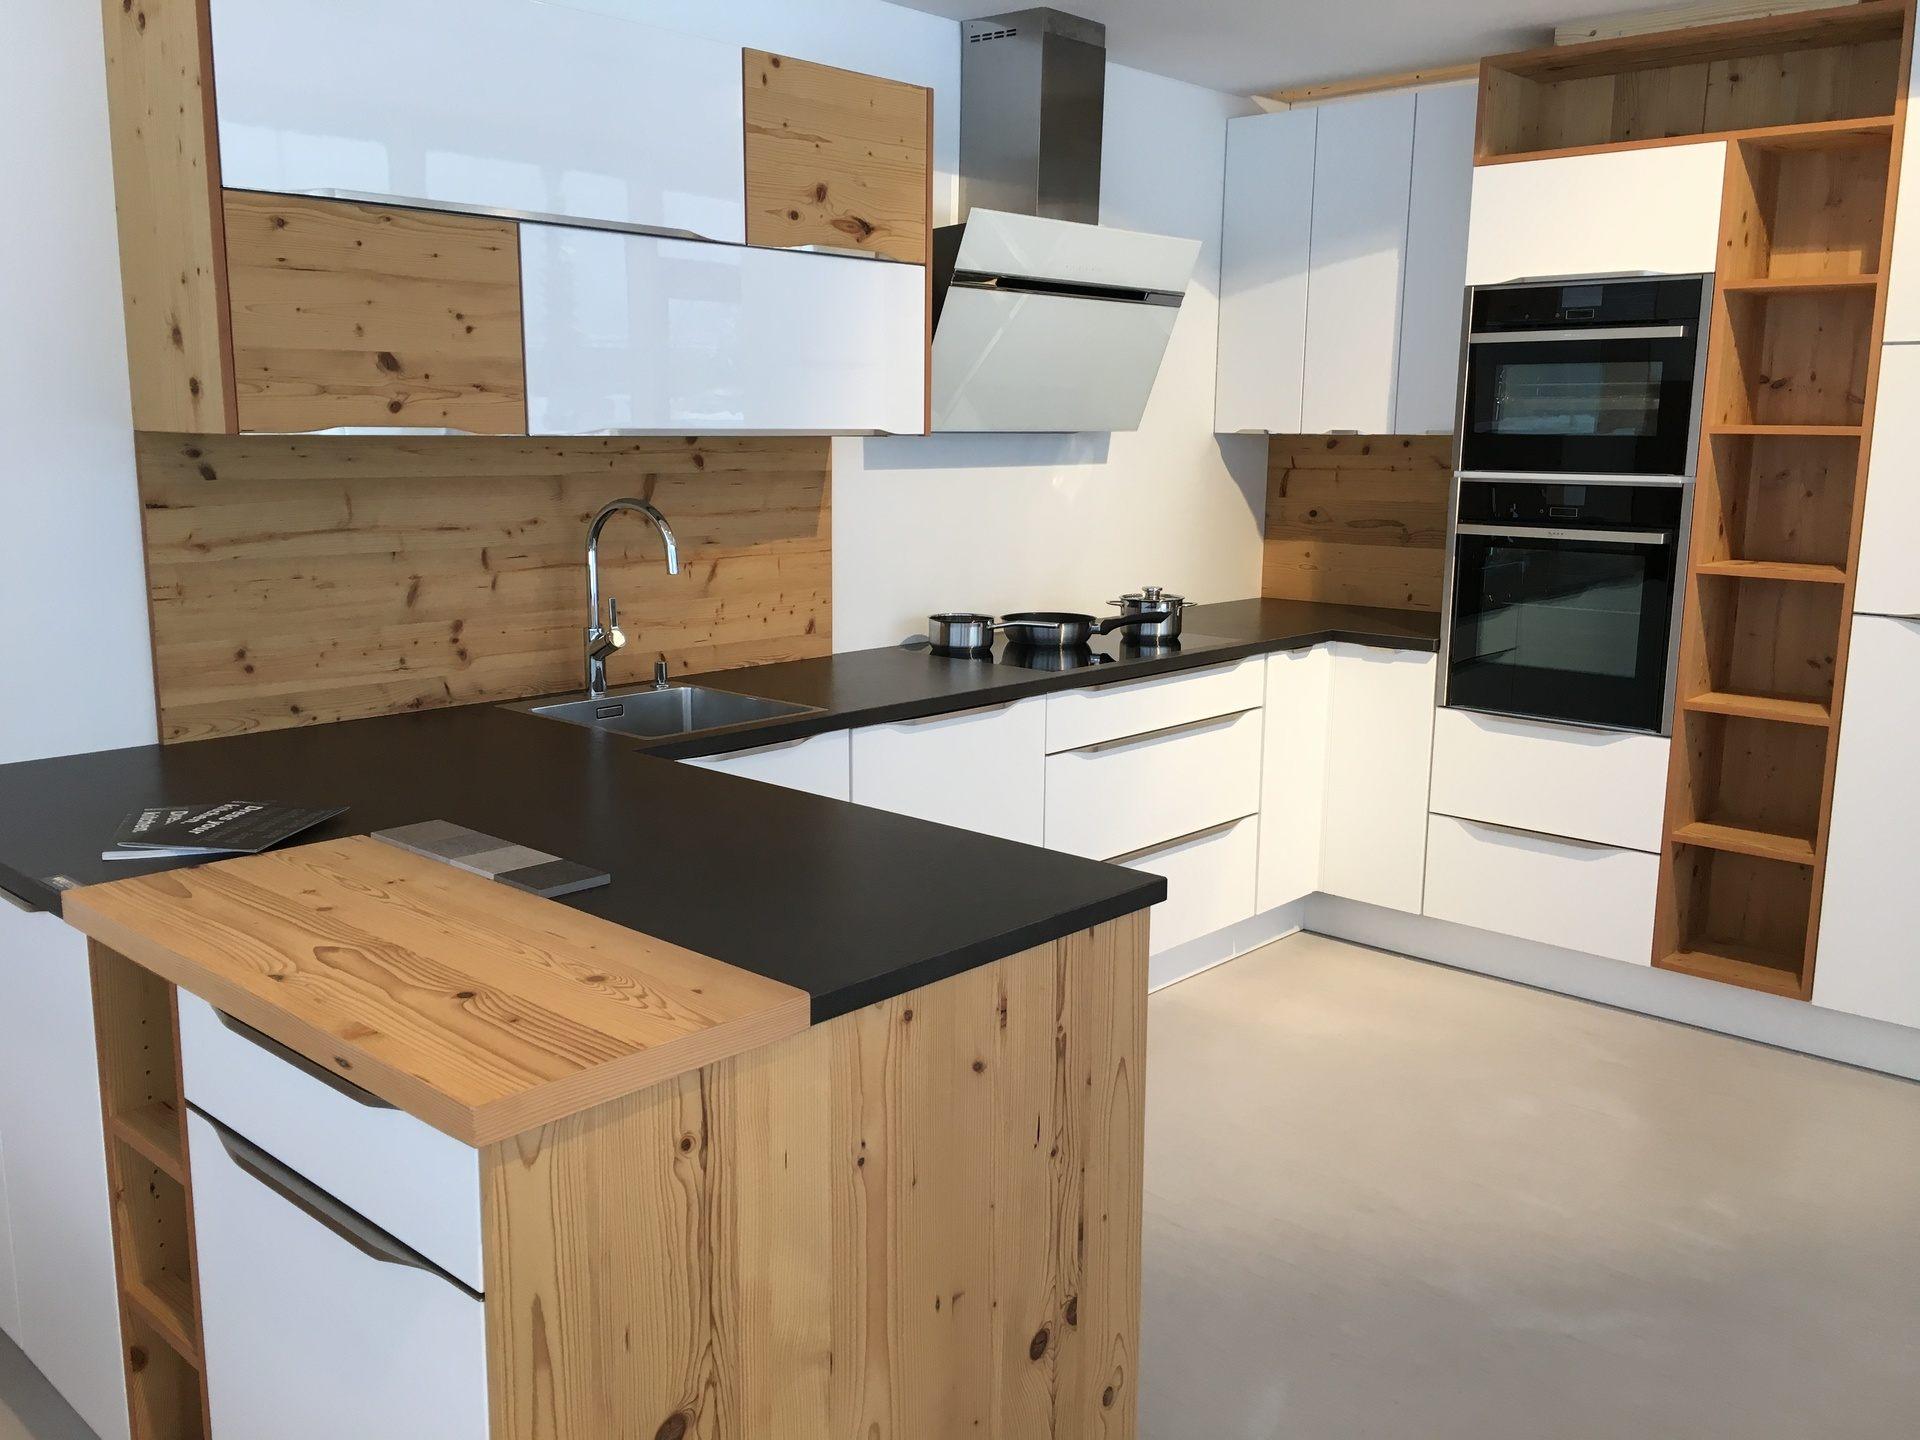 Sapienstone le migliori superfici per il top cucina 2019 floornature - Migliori miscelatori cucina ...